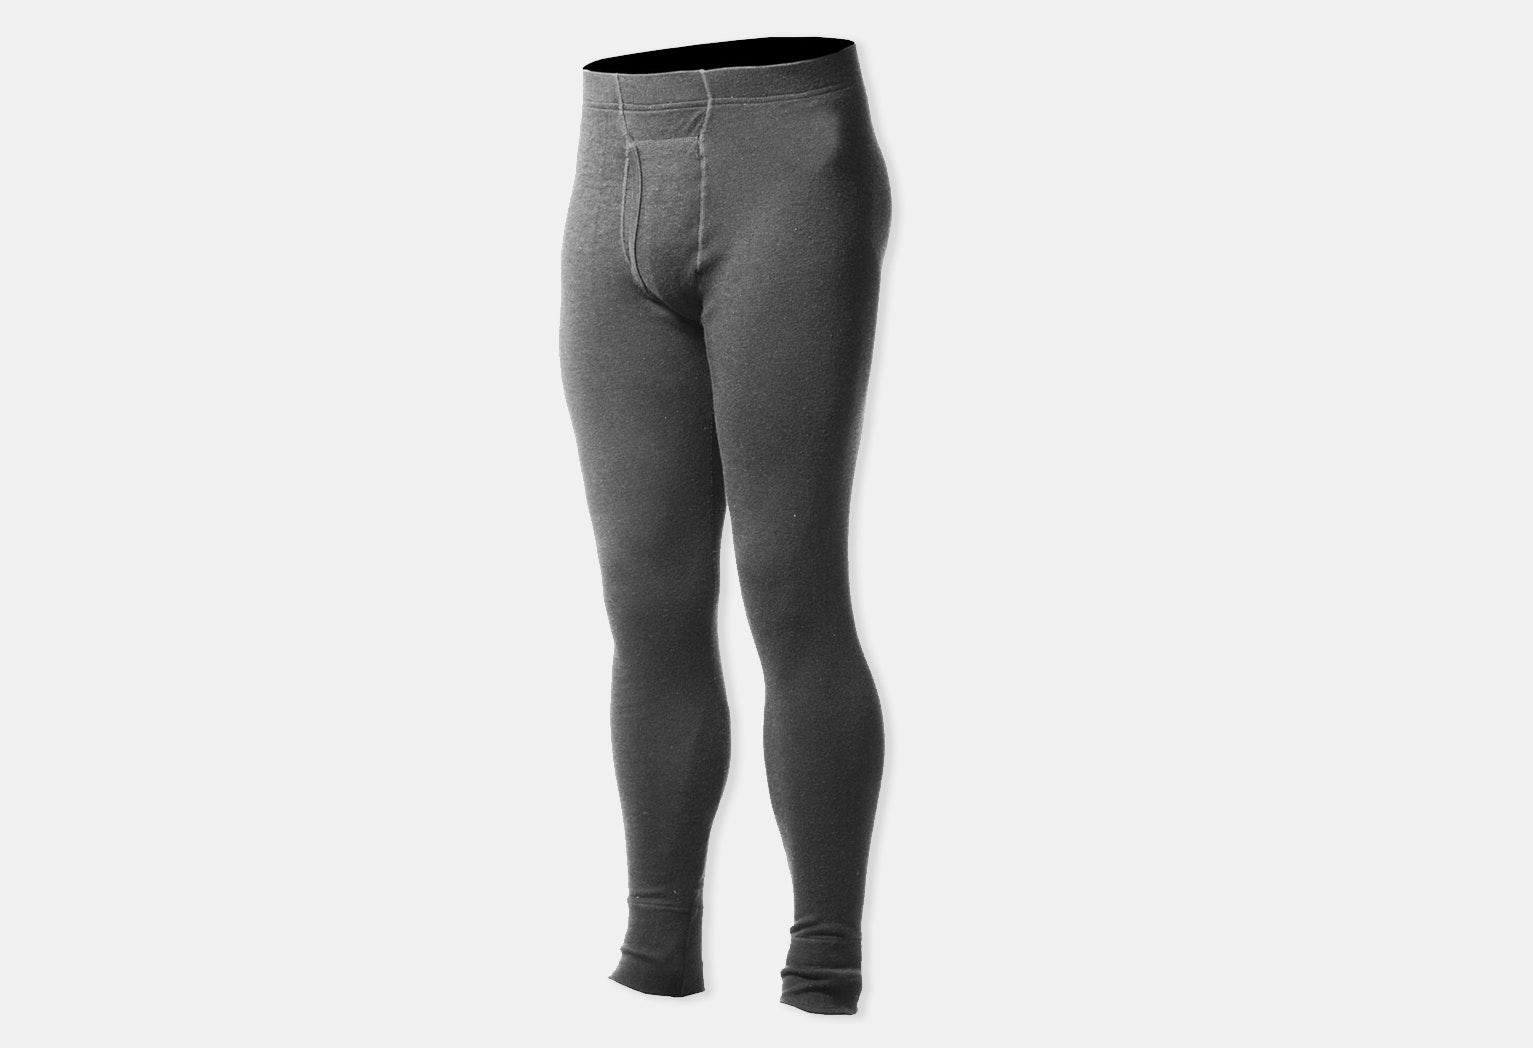 Men's – Kancamagus Bottom – Charcoal Gray